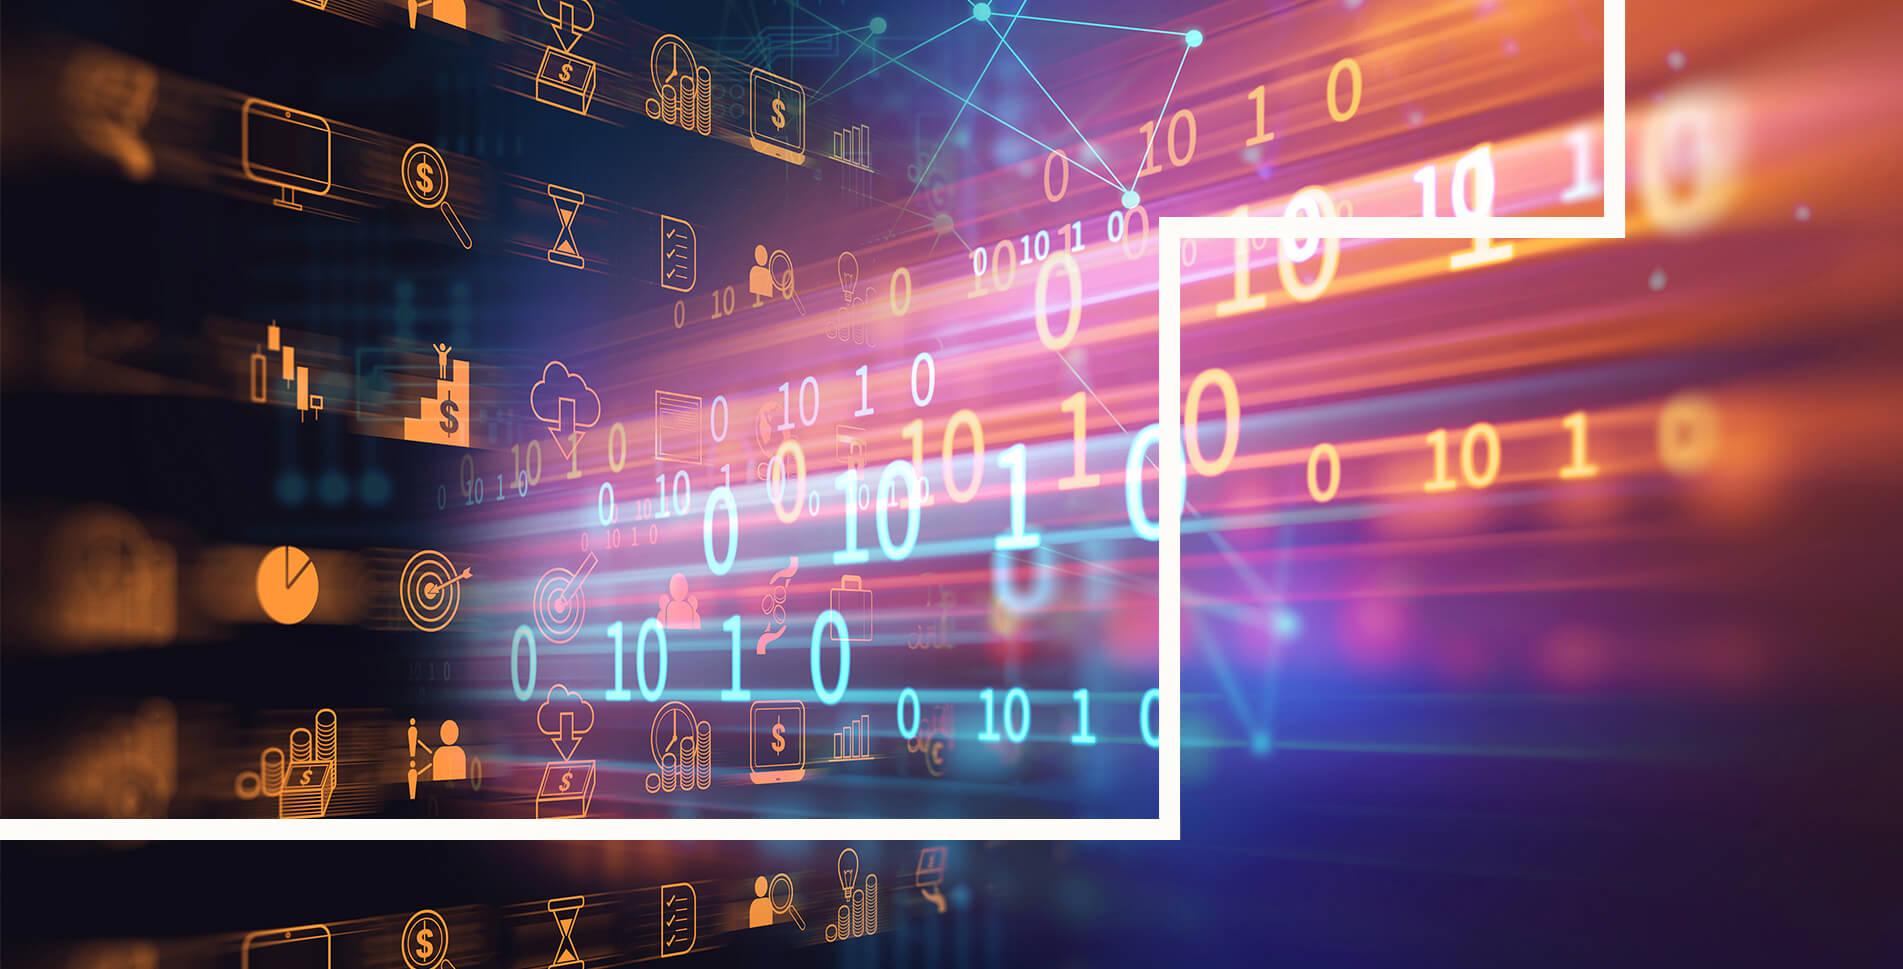 Yazılımcı Olmayanlar için Veri Analitiği | Business School